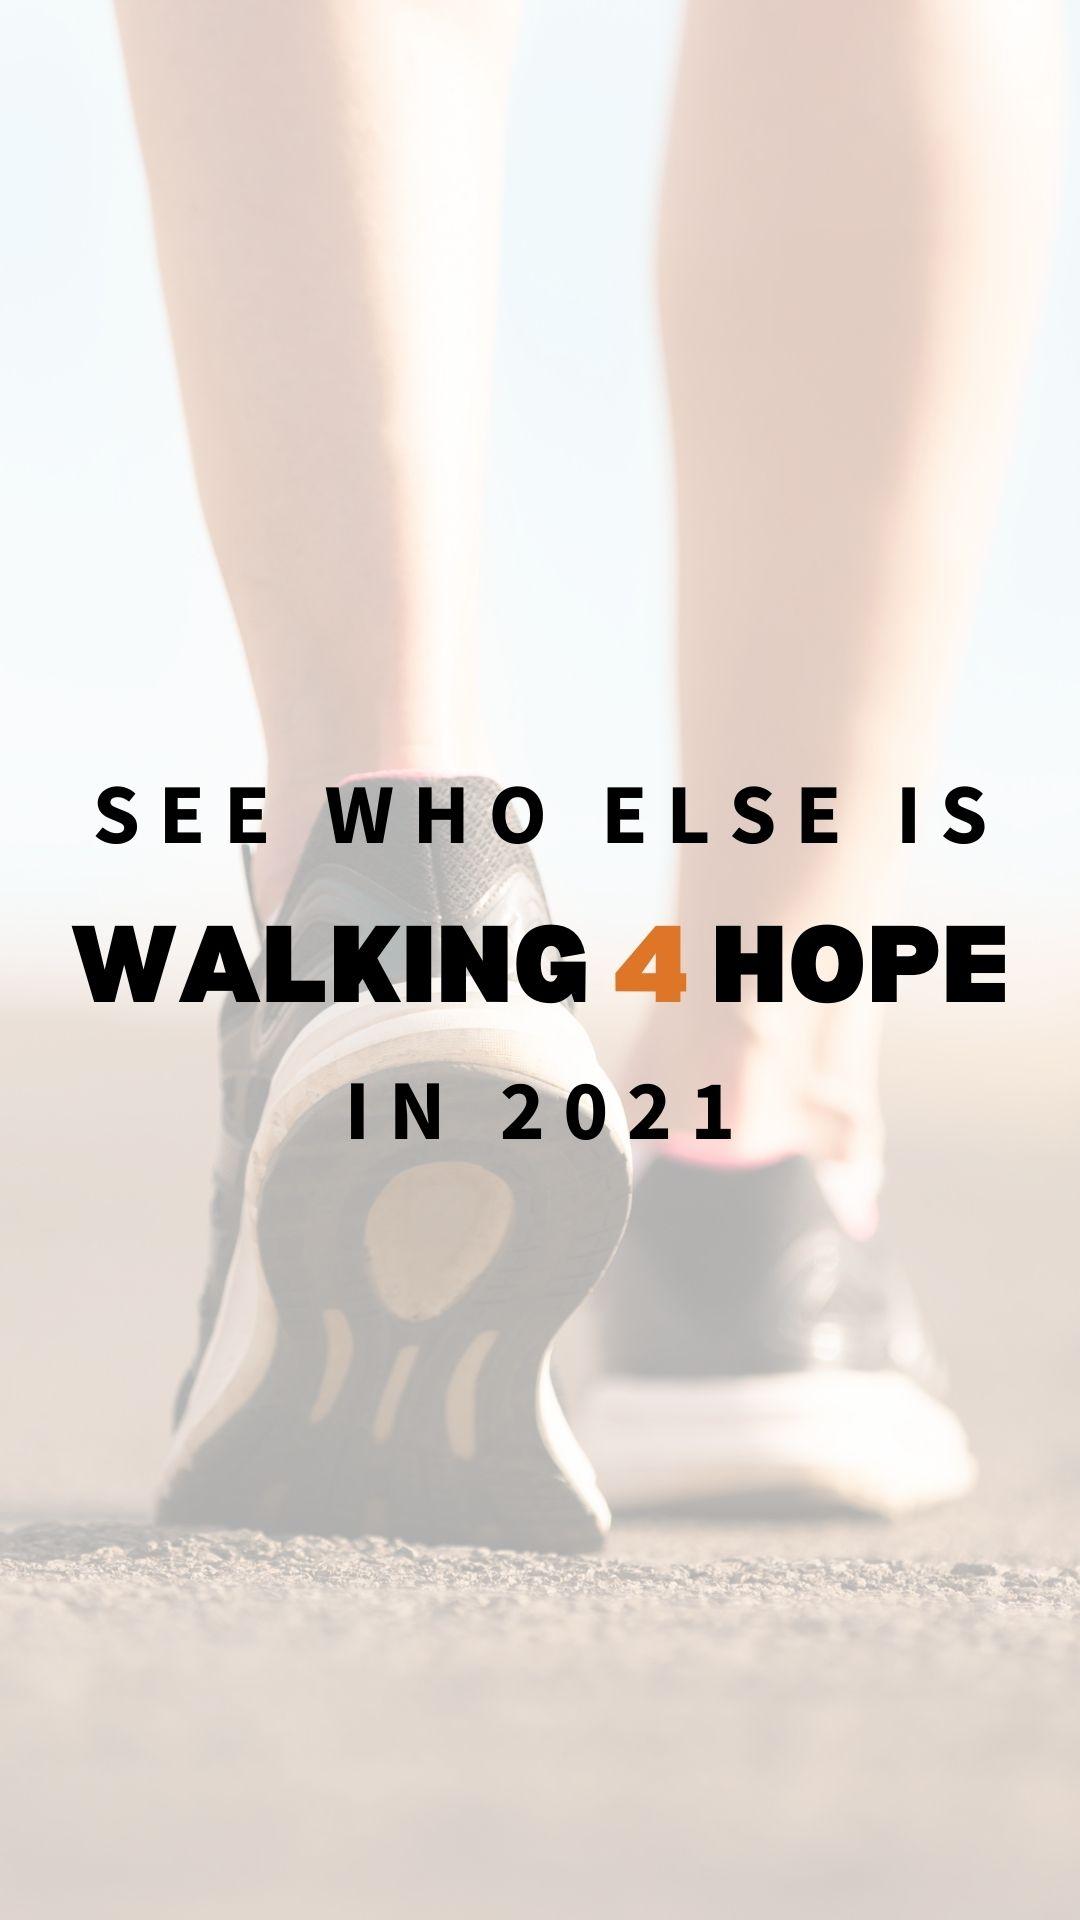 See who else is walking 4 hope in 2021